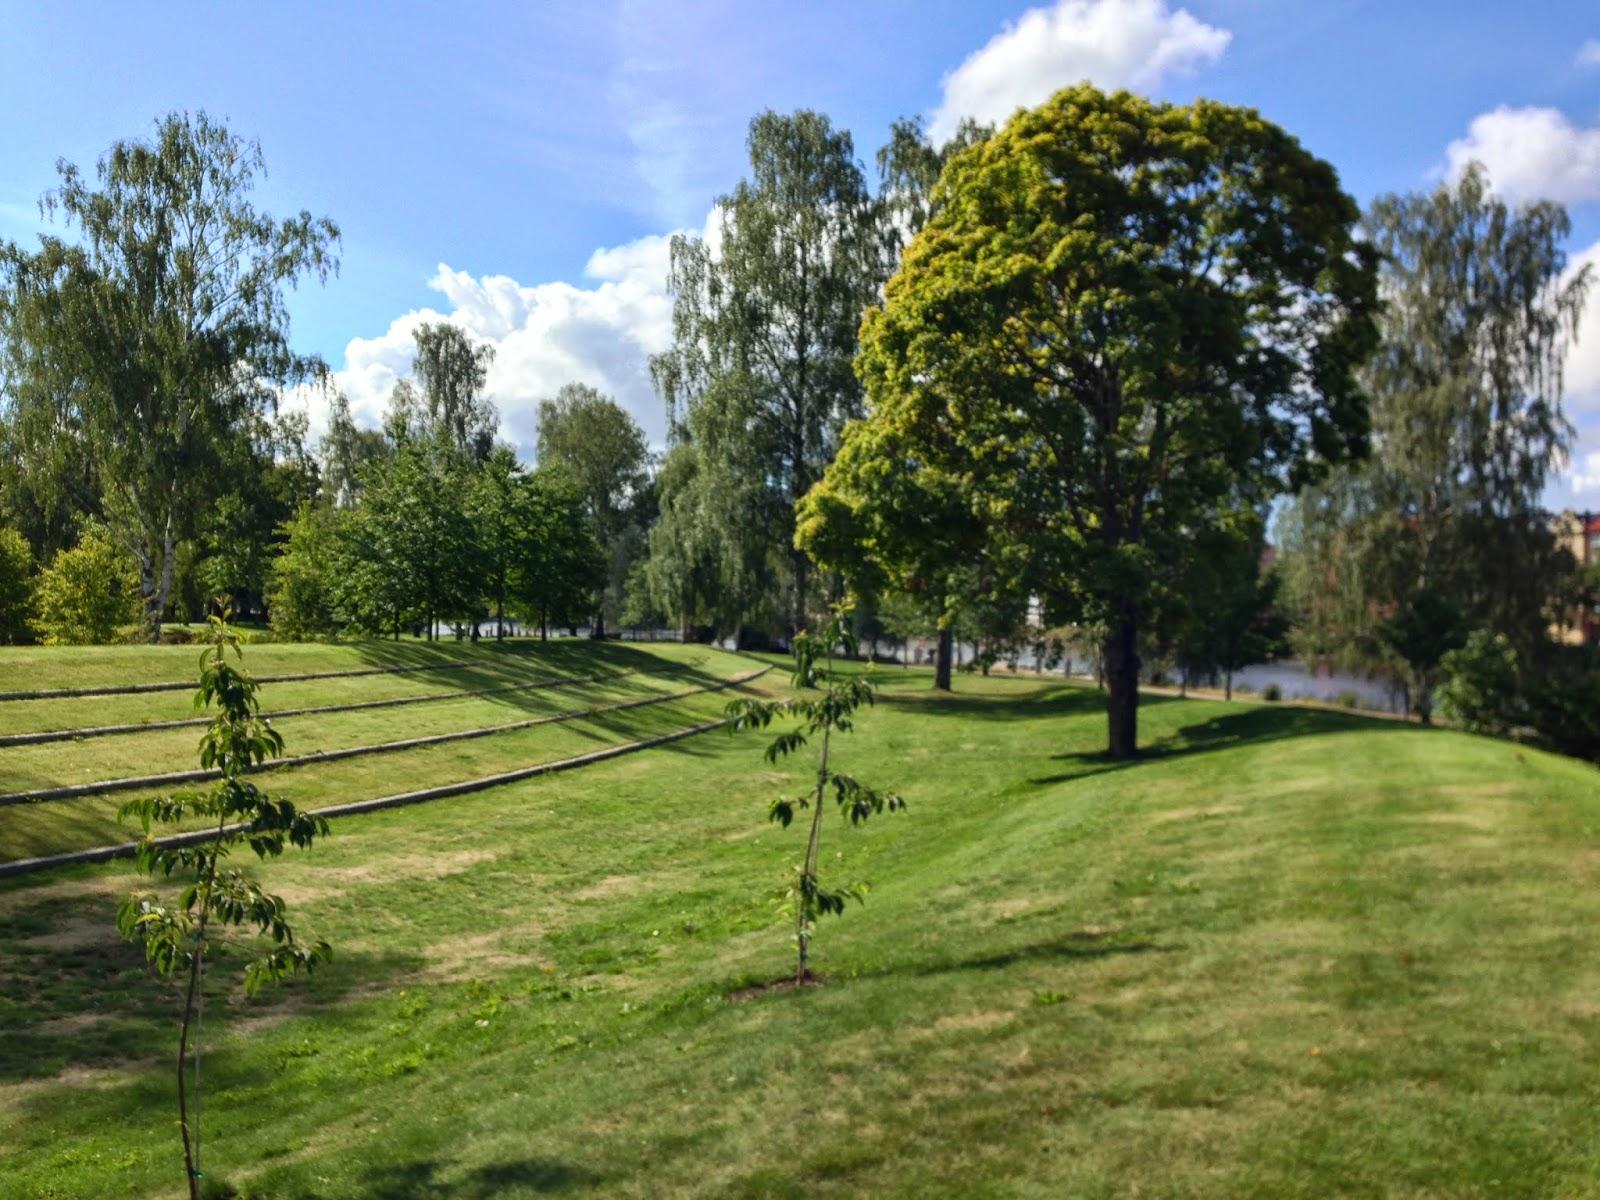 Landscaped park in Karlstad